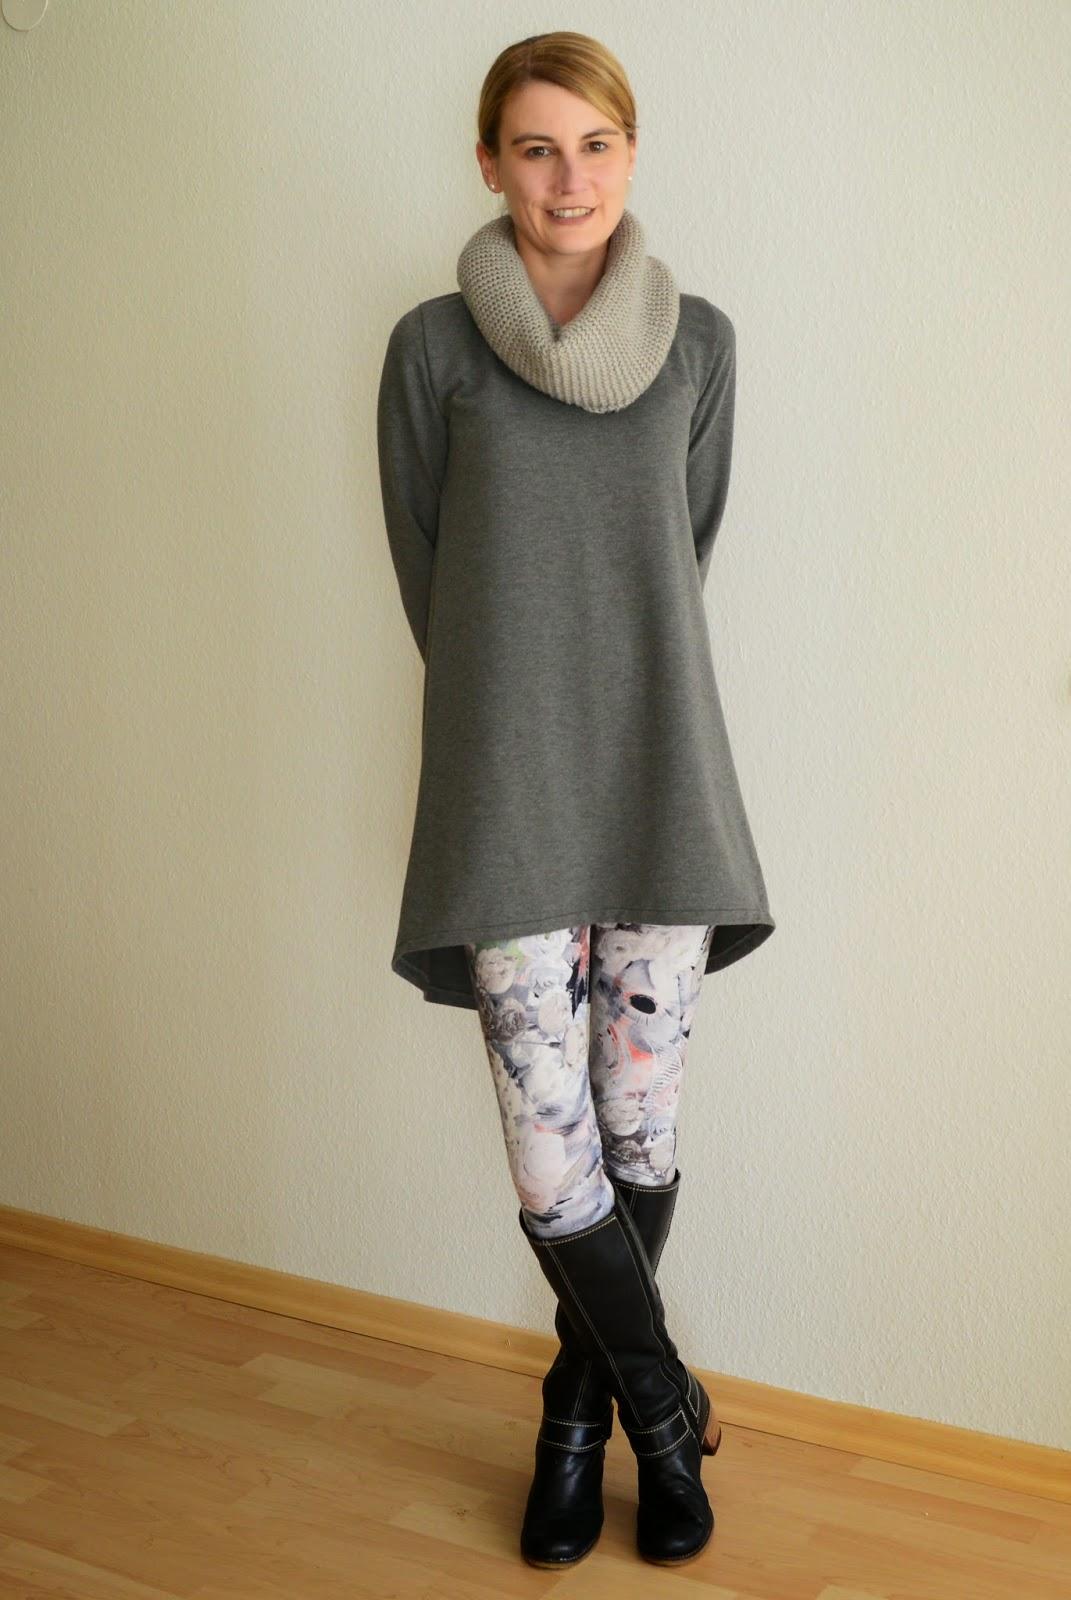 Annimakes mmm freizeit outfit - Leggings kombinieren ...